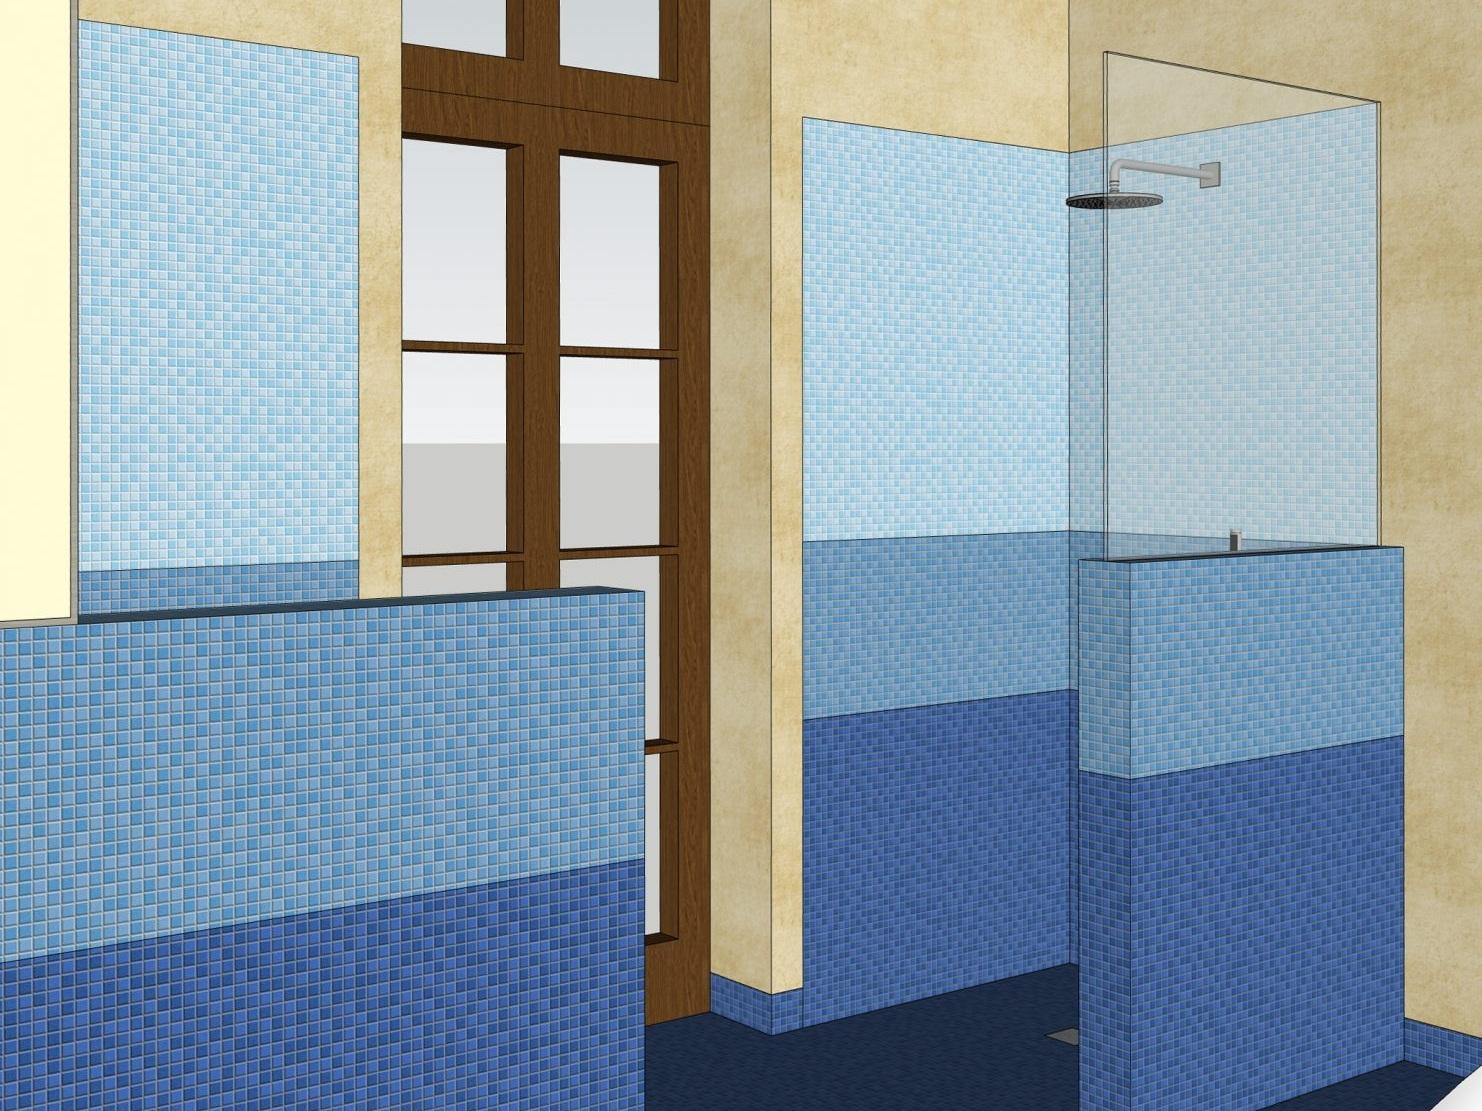 Umnutzung im Altbau - Visualisierung Dusche